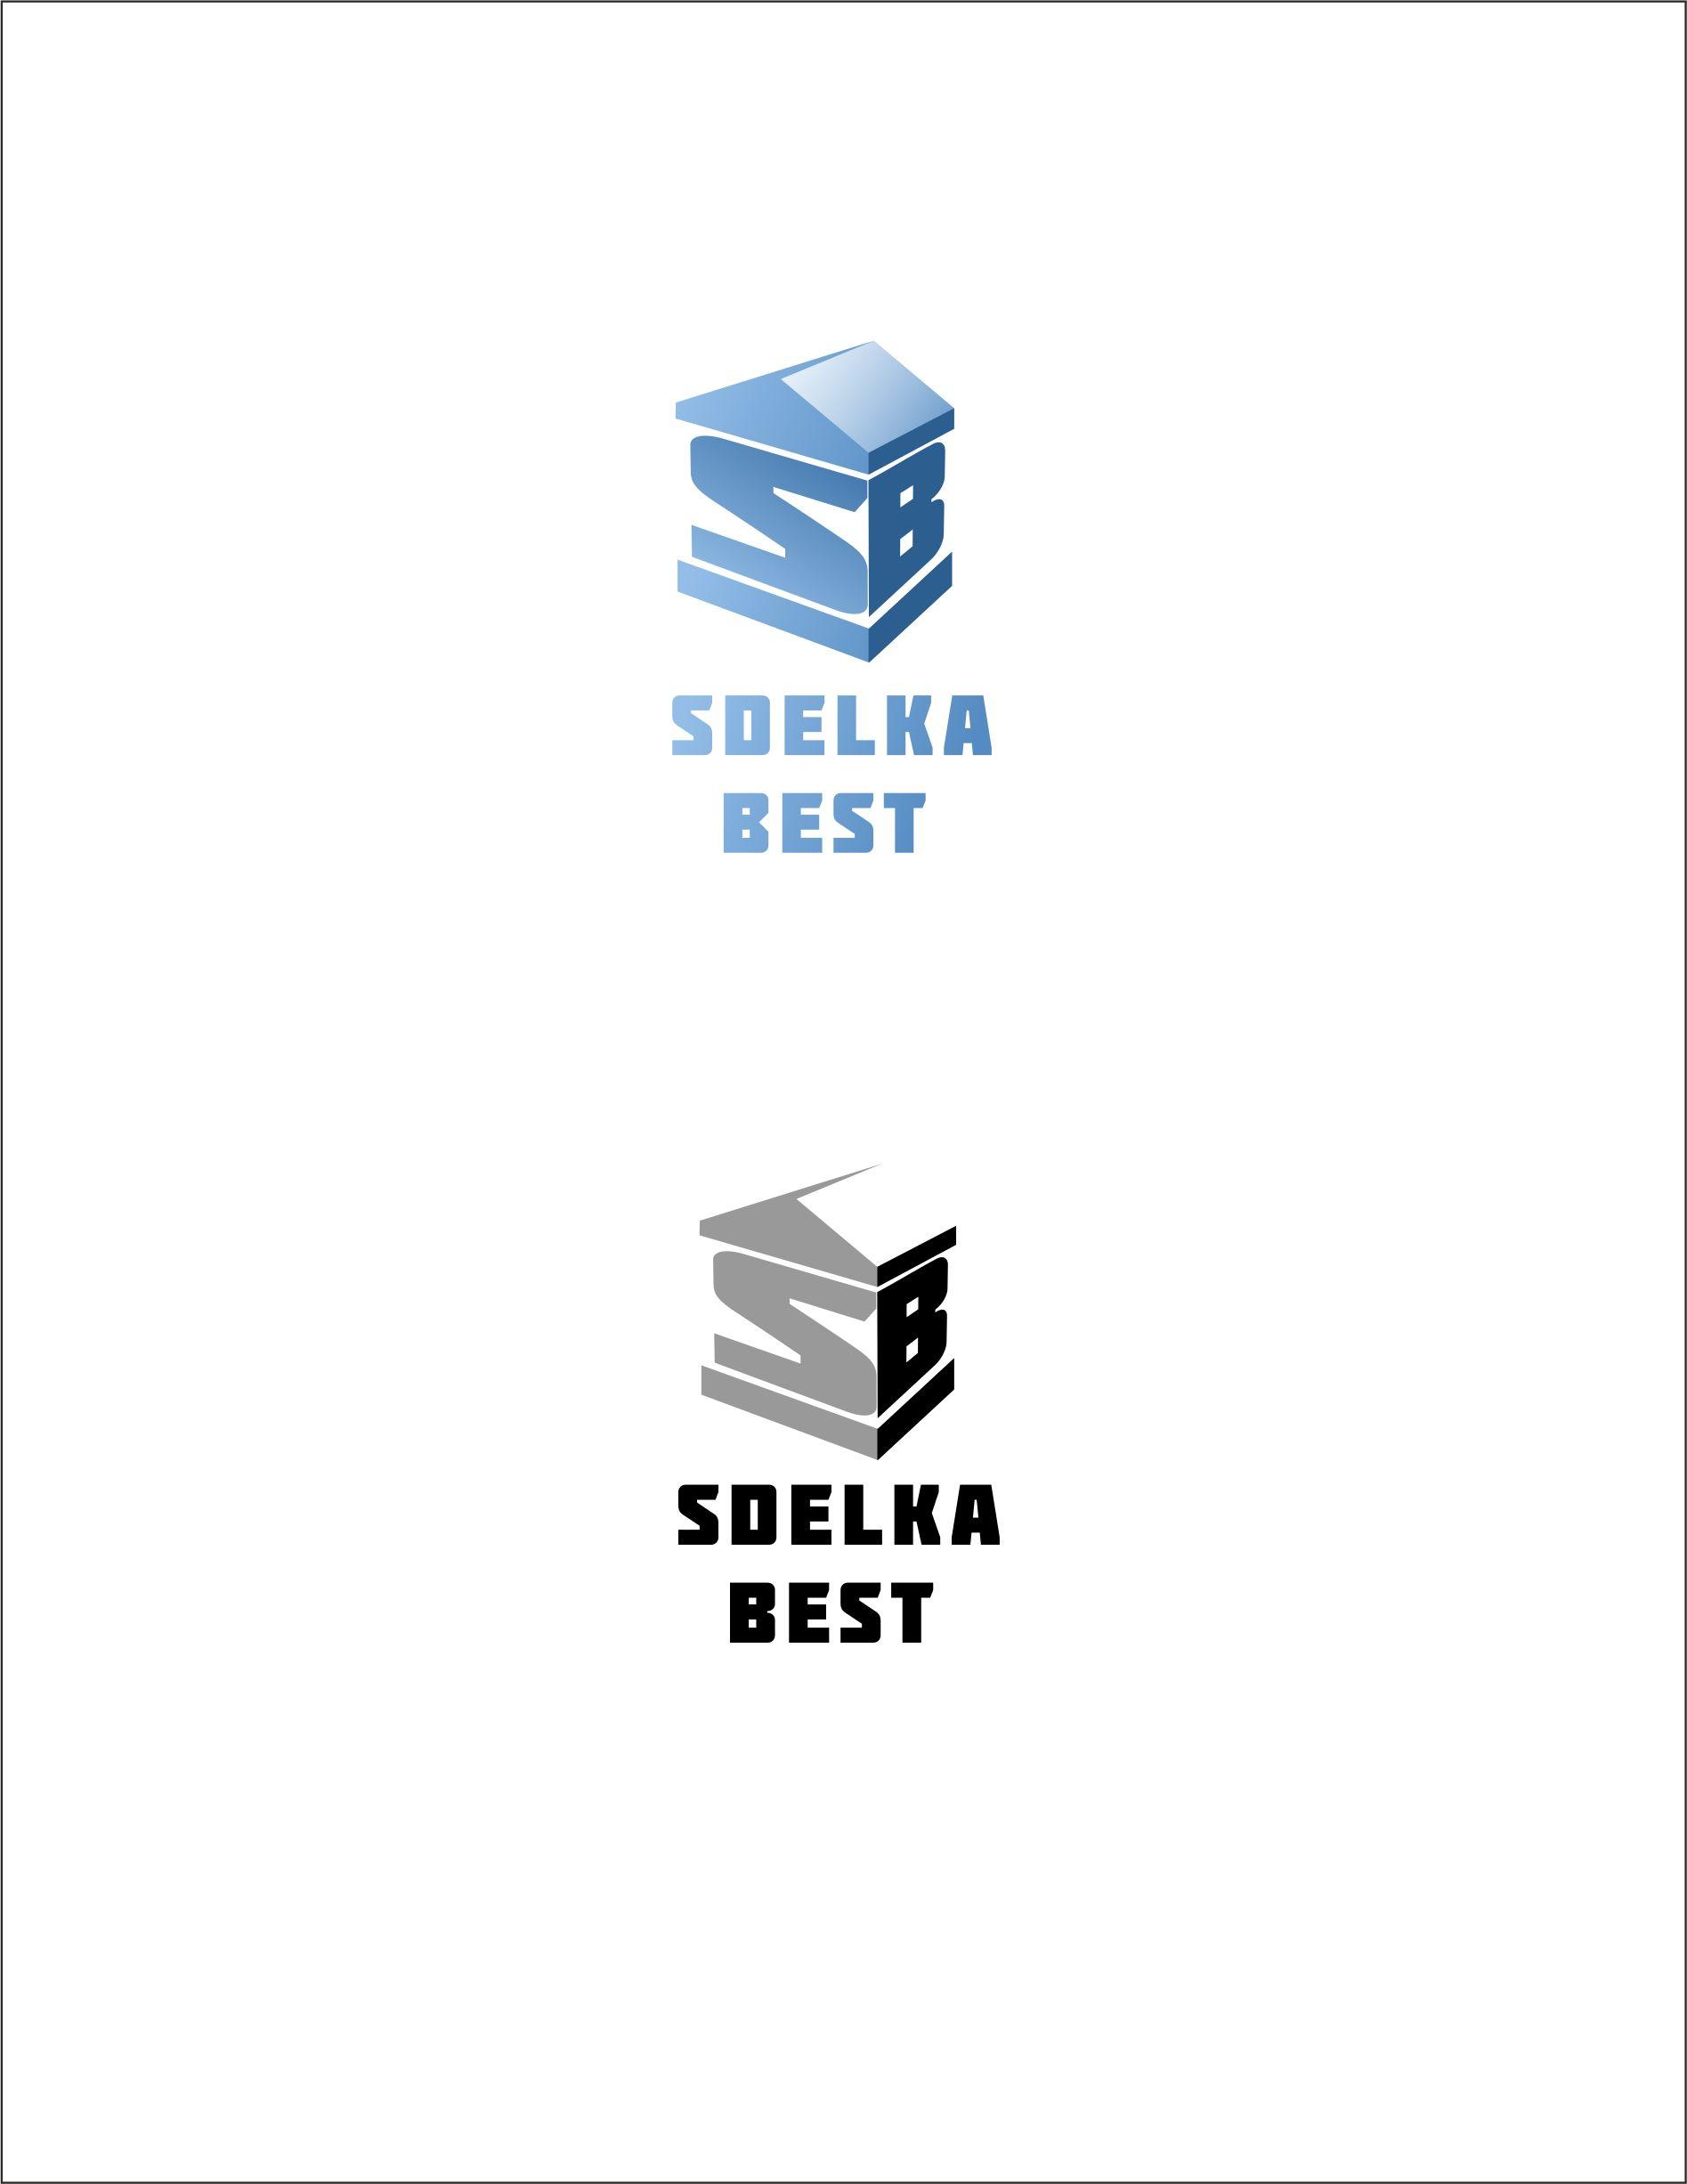 Логотип + Визитка Портала безопасных сделок фото f_62453654304a405d.jpg